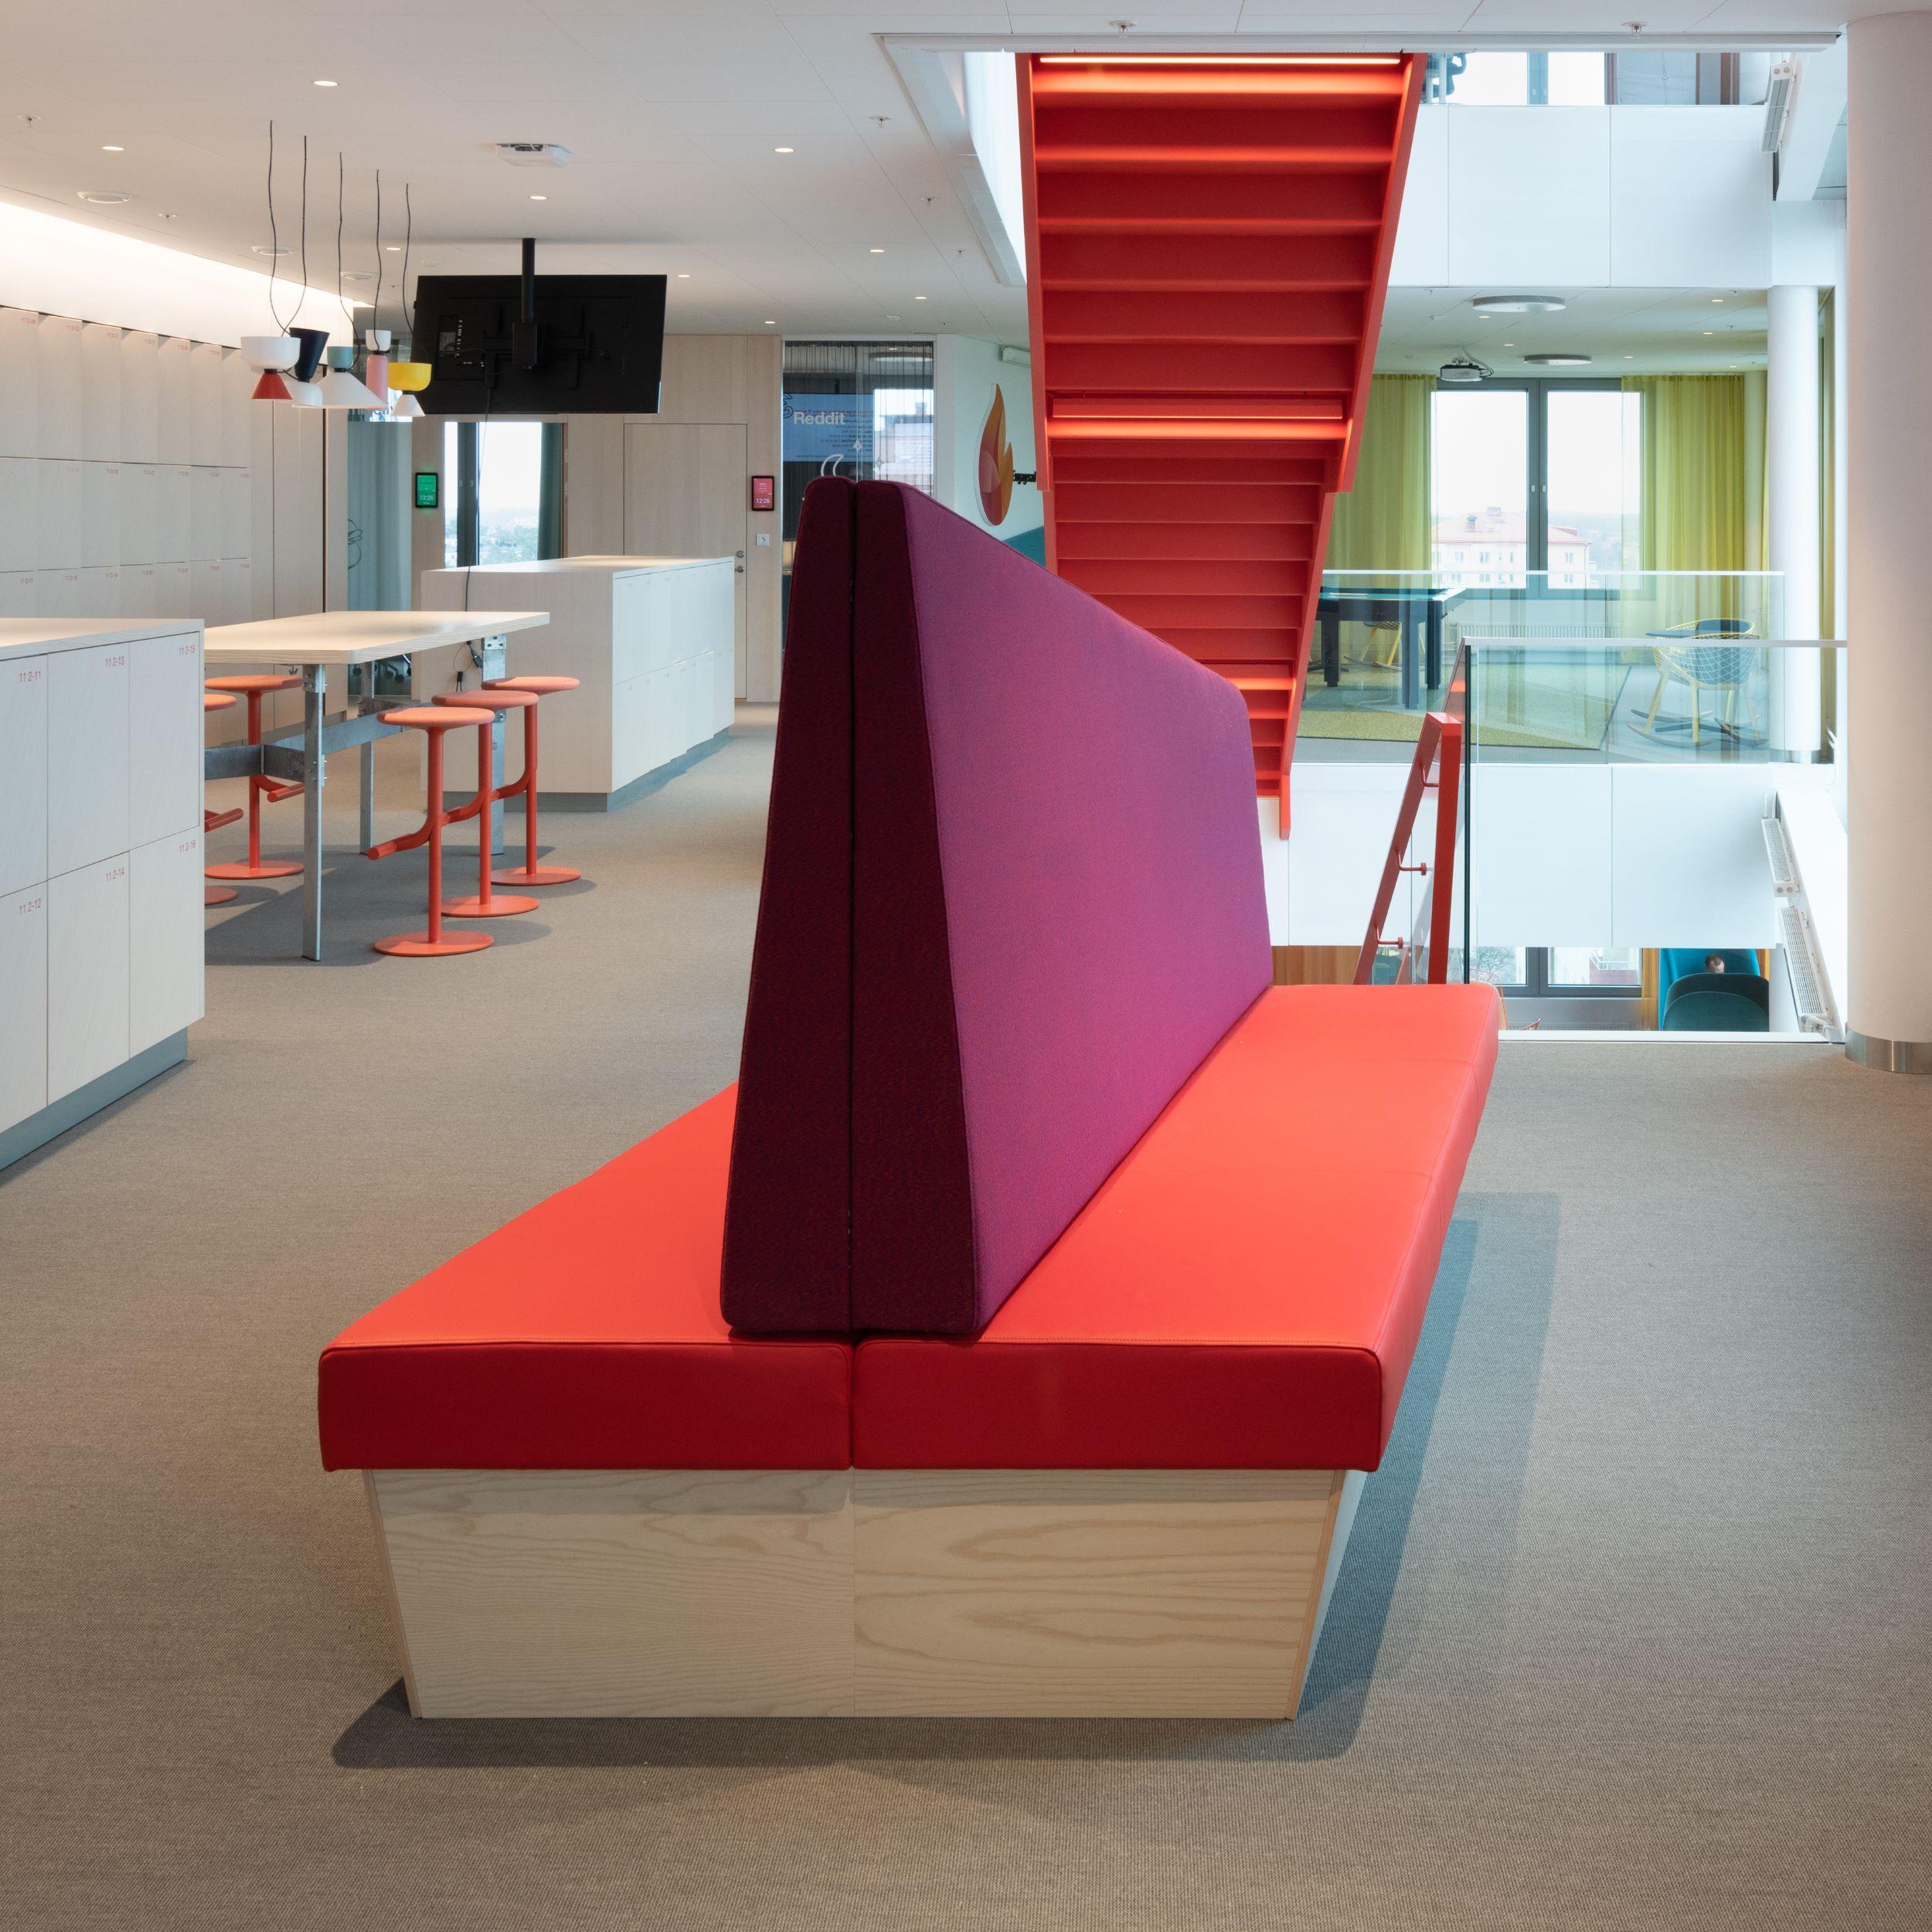 Studio-Stockholm-Lindelöfs-Office-Stockholm-Sweden-offecct-14462.jpg